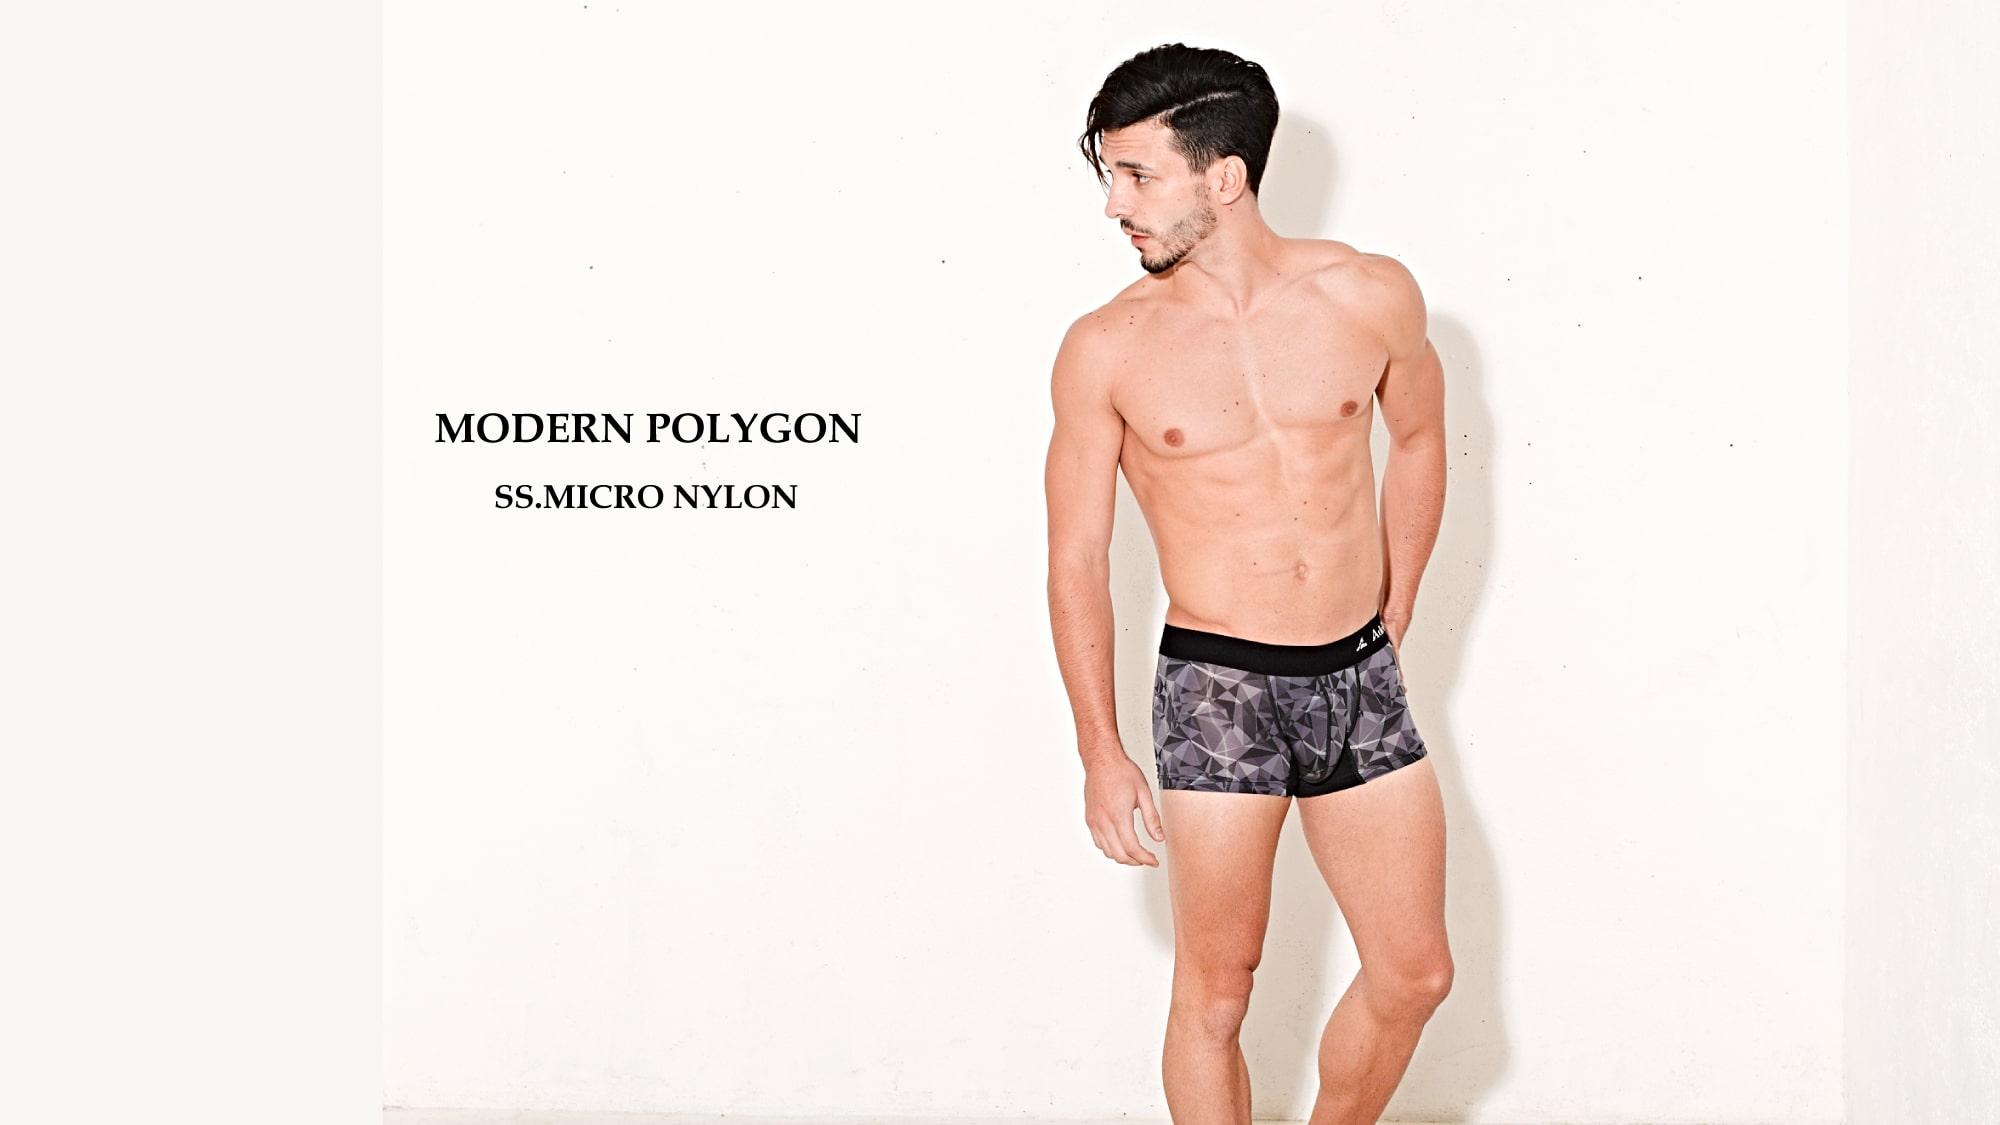 MODERN POLYGON | 高級 ボクサーパンツ メンズ ブランド 日本製 男性下着、Adelbelz(アデルベルツ)公式通販